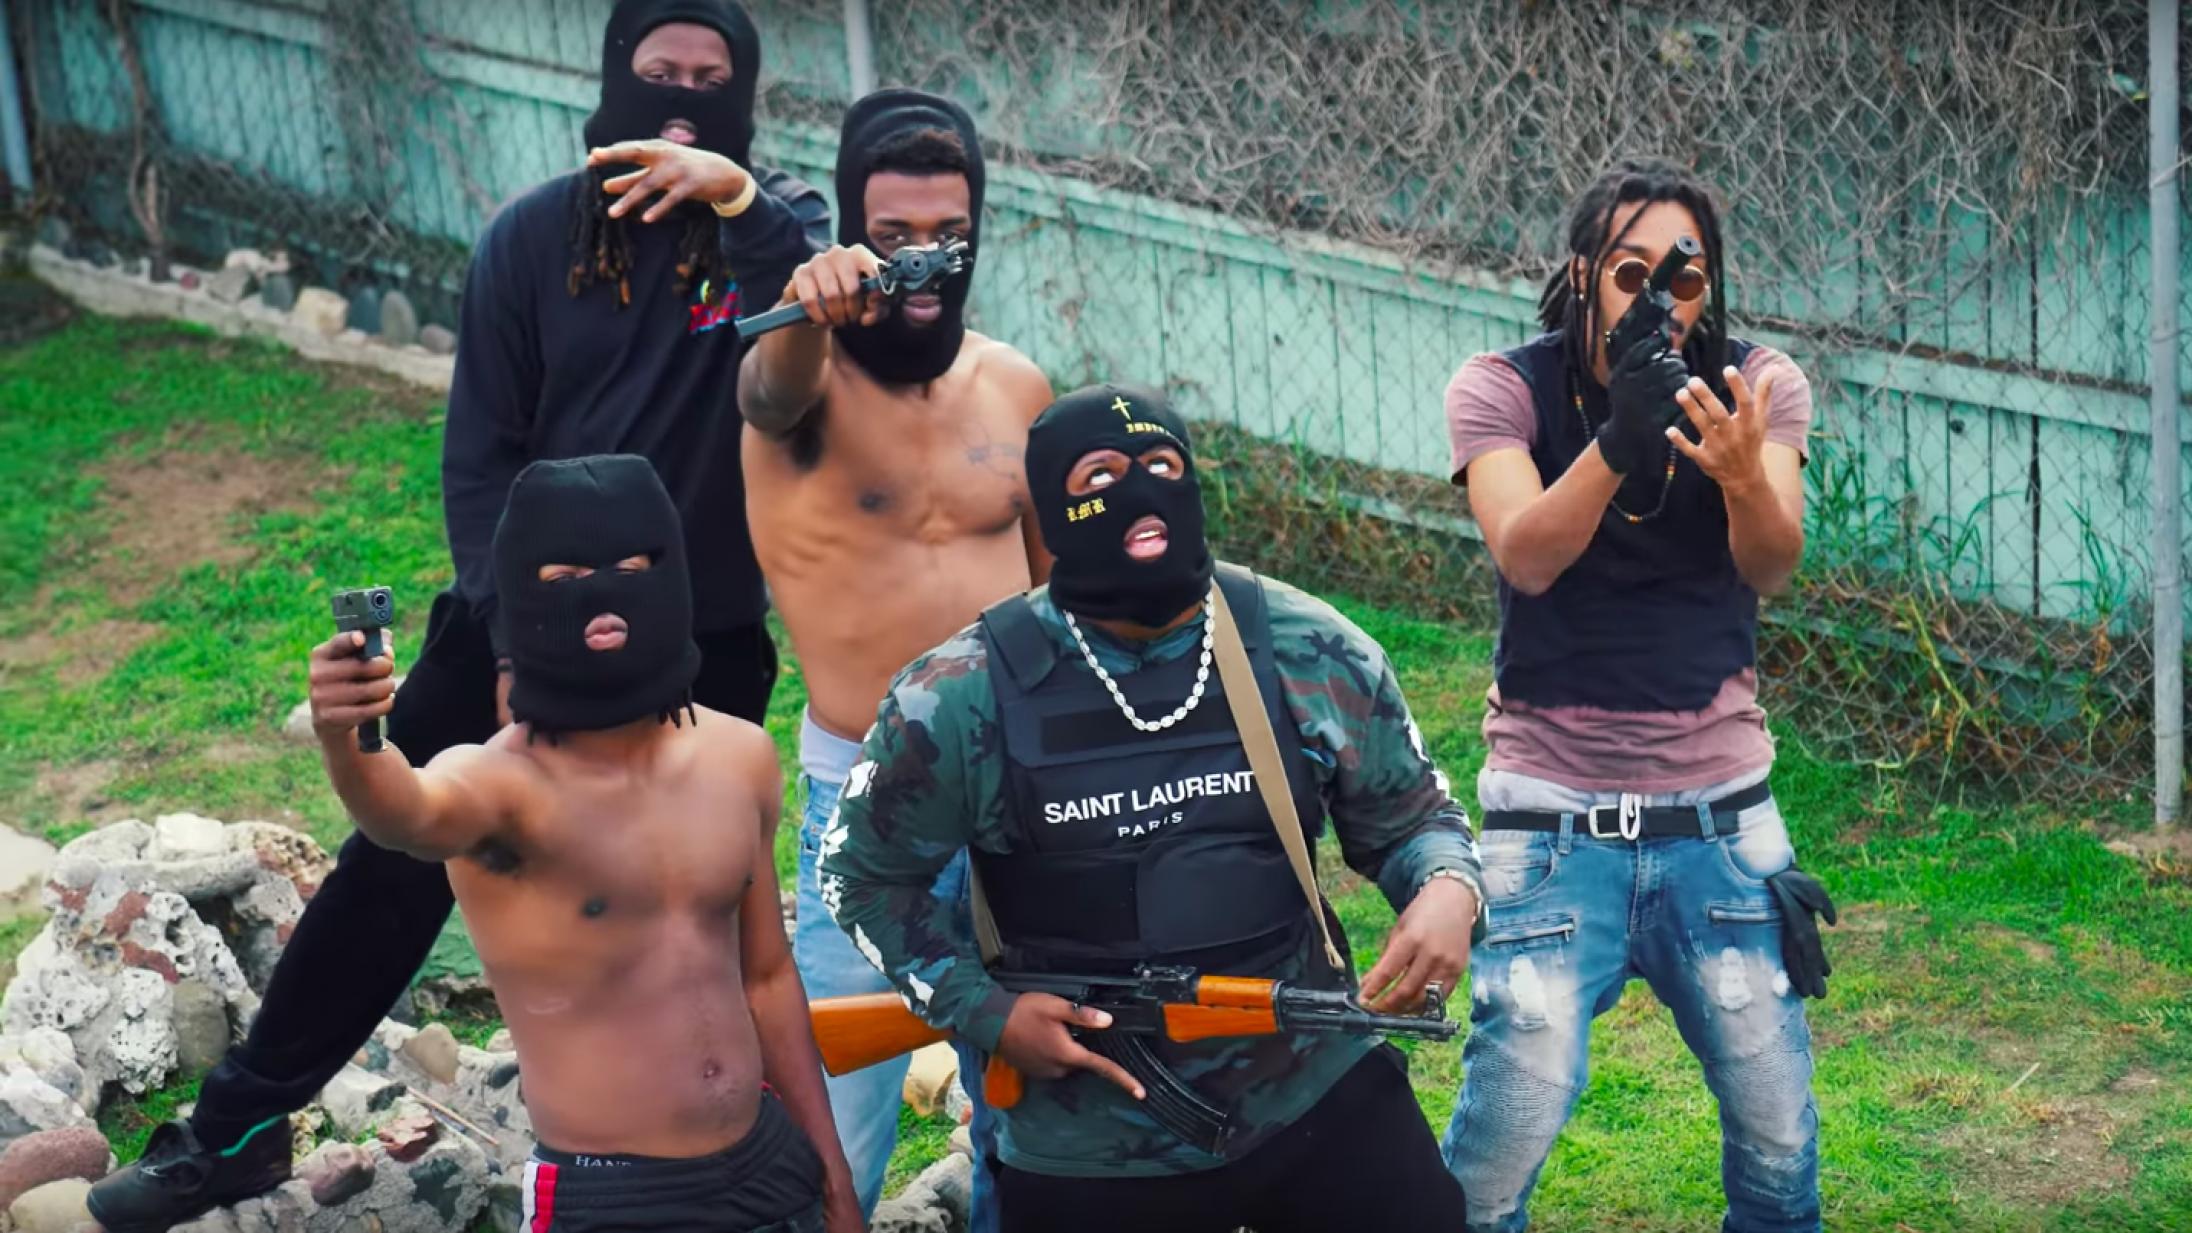 RMR's virale countryrap-ballade 'Rascal' kan meget vel blive dette års 'Old Town Road'